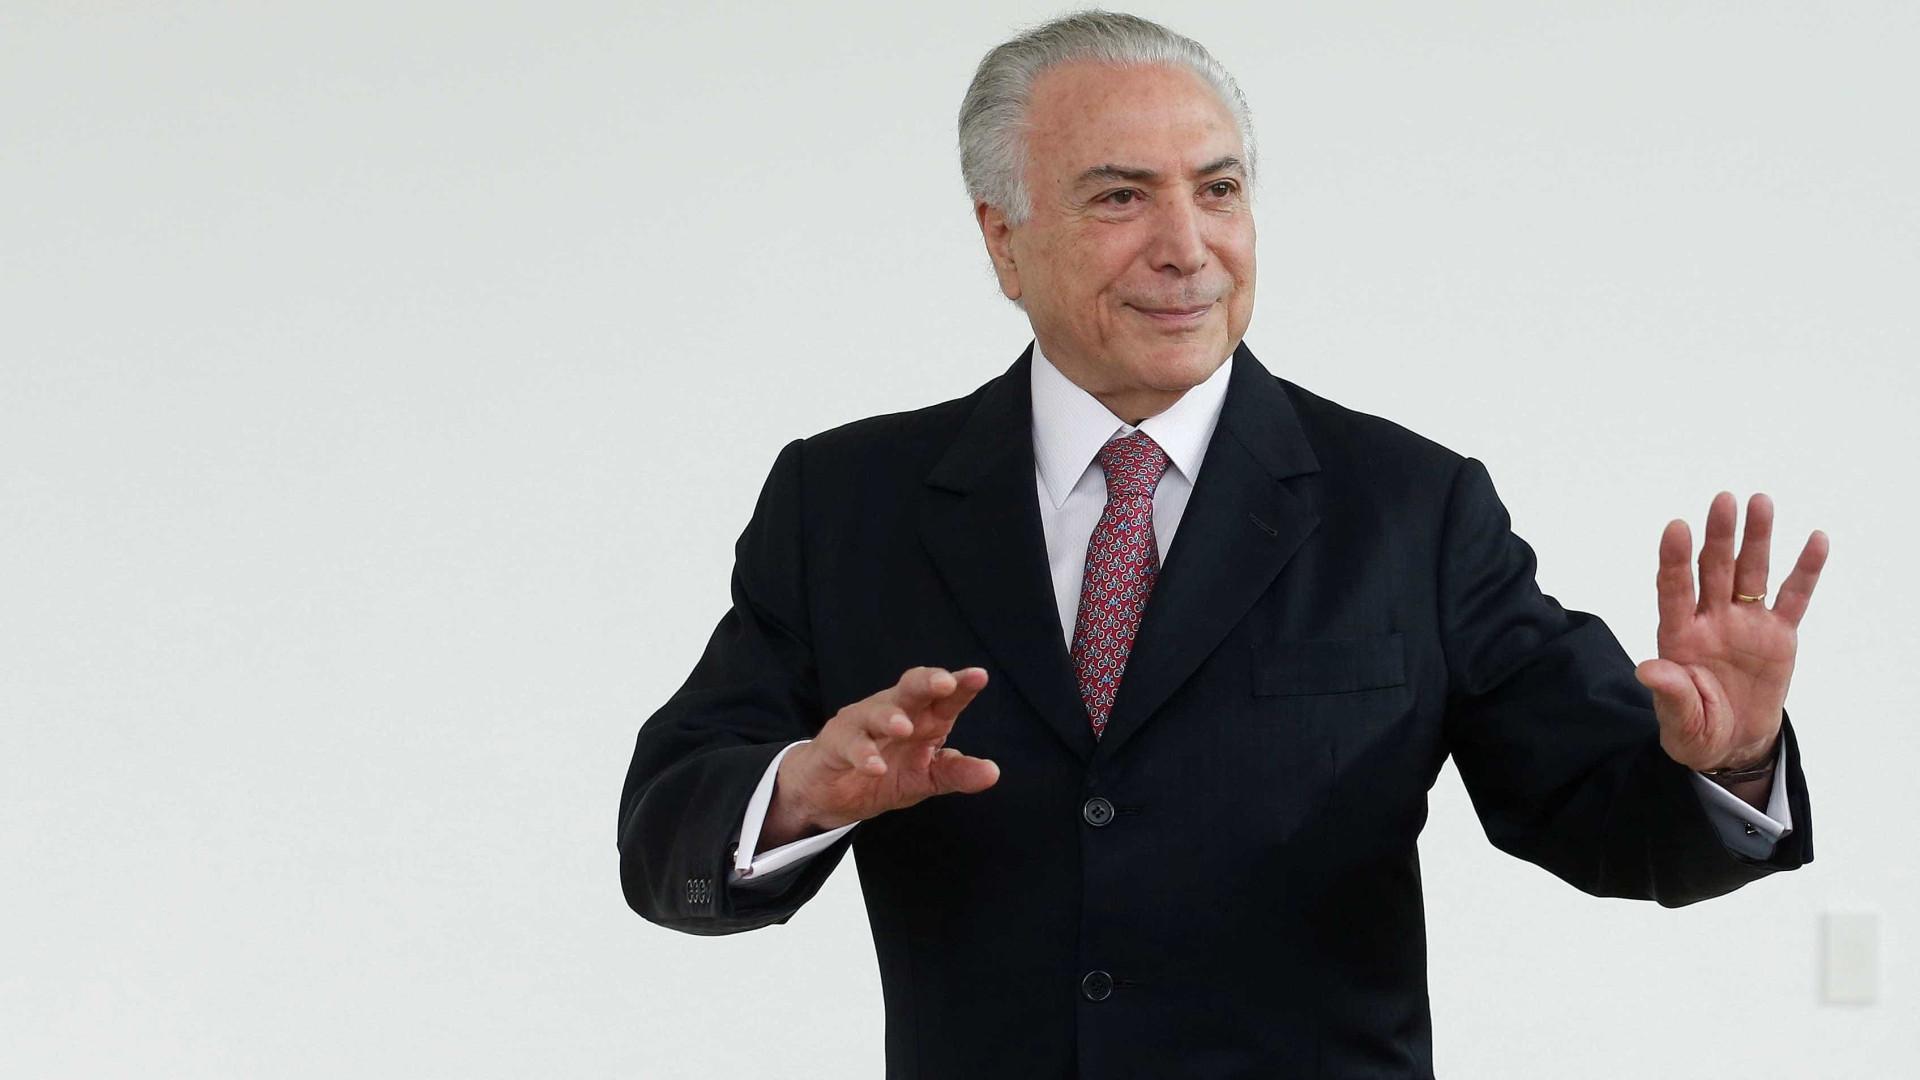 Denunciado, Temer deve ter mais 5 investigações ao deixar o Planalto